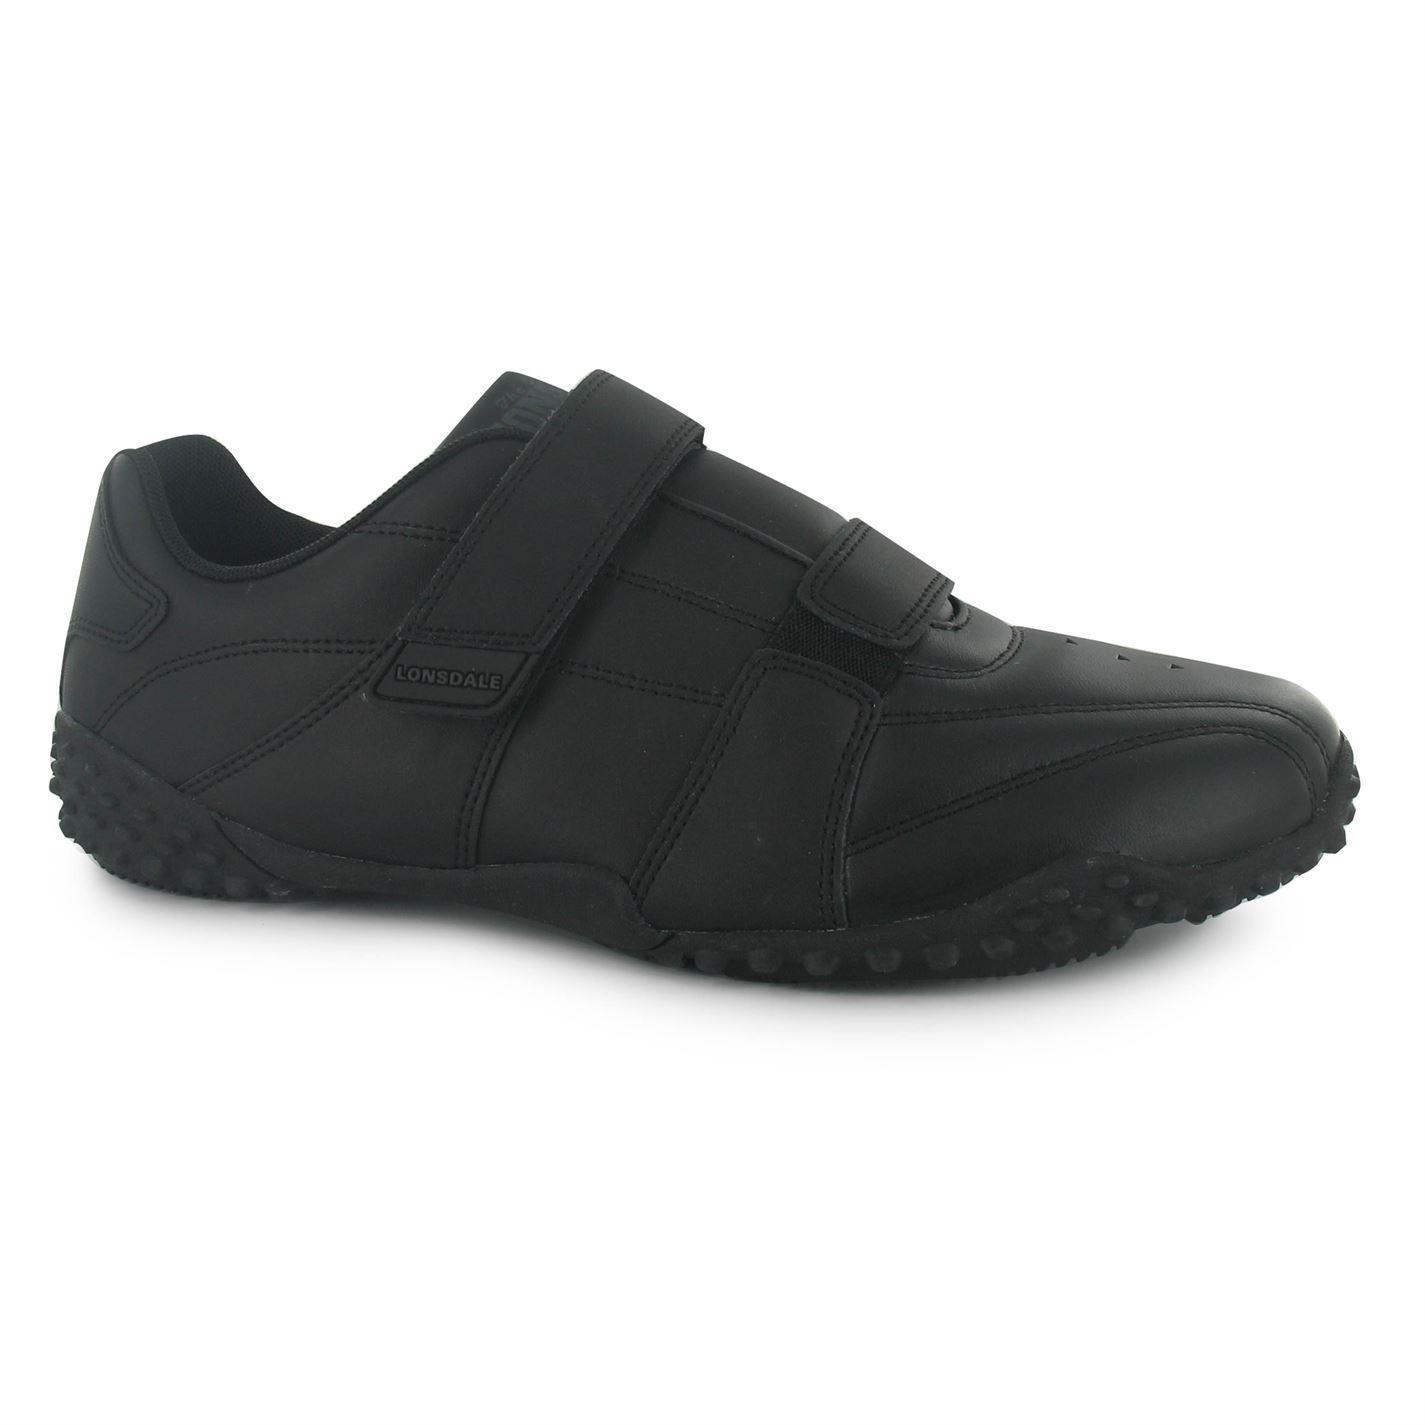 Scarpe da ginnastica Lonsdale Fulham Uomo NERO/NERO scarpe casual sneakers calzature Scarpe classiche da uomo